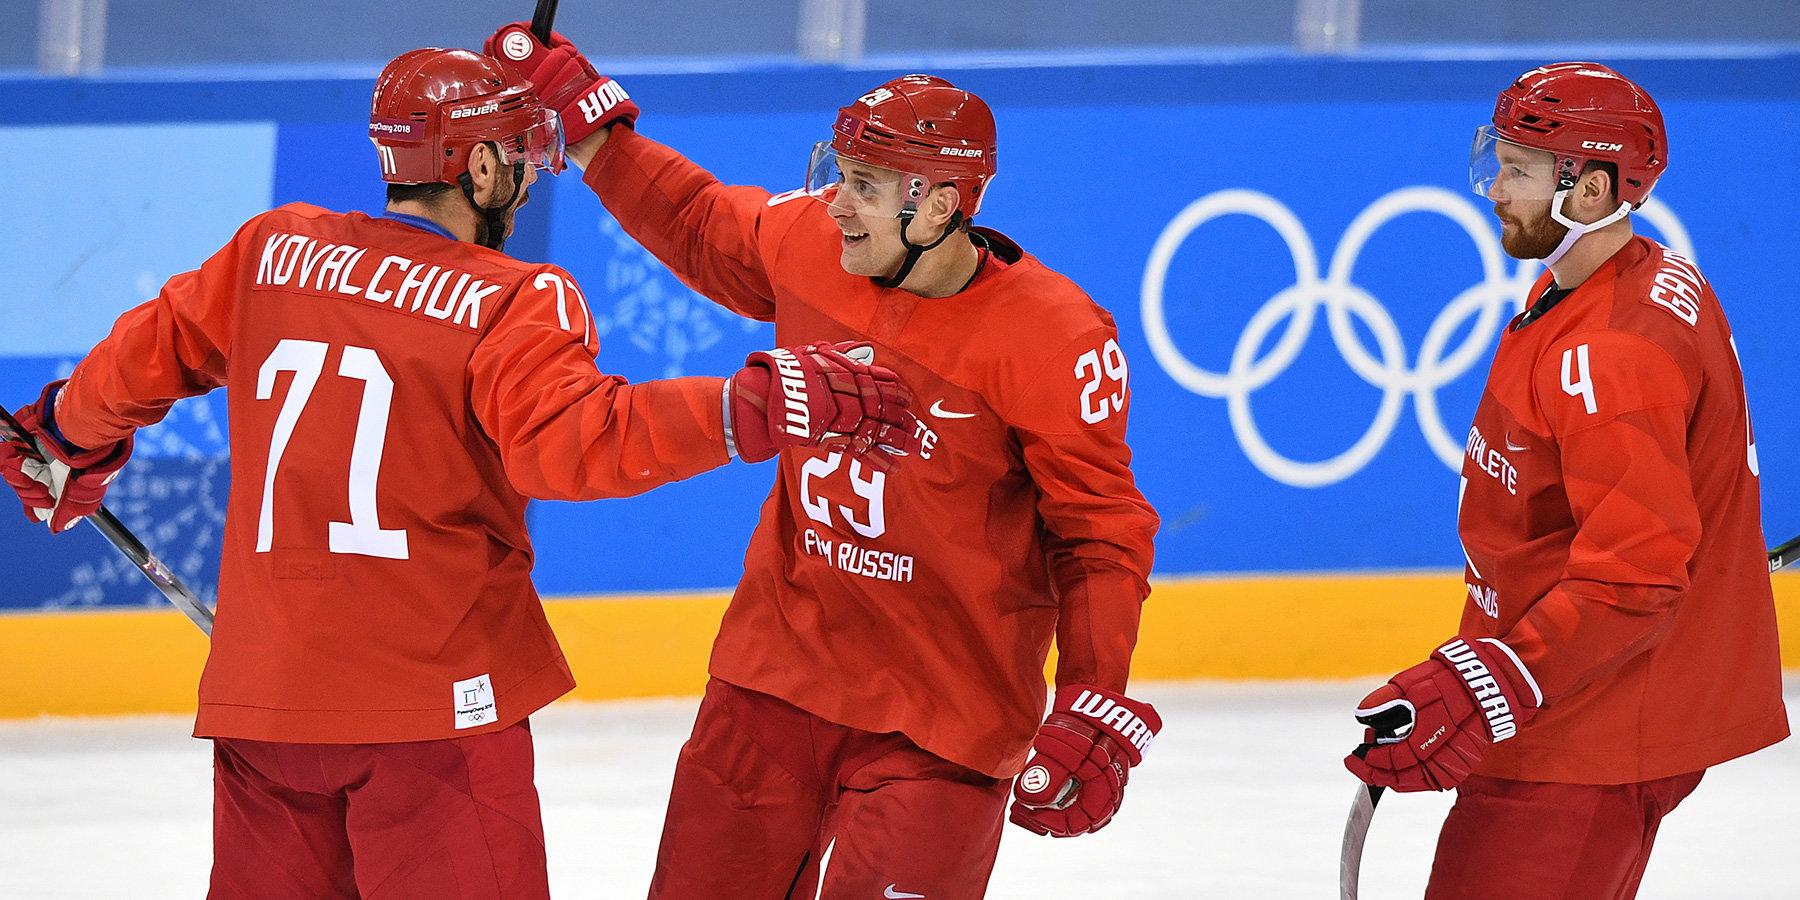 Сборная РФ похоккею разгромила команду Норвегии ивышла вполуфиналОИ